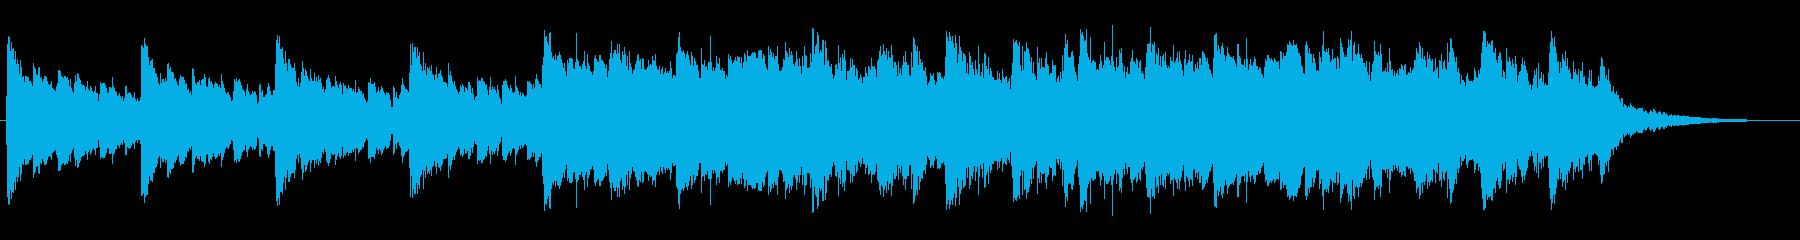 室内楽 モダン 交響曲 ドラマチッ...の再生済みの波形